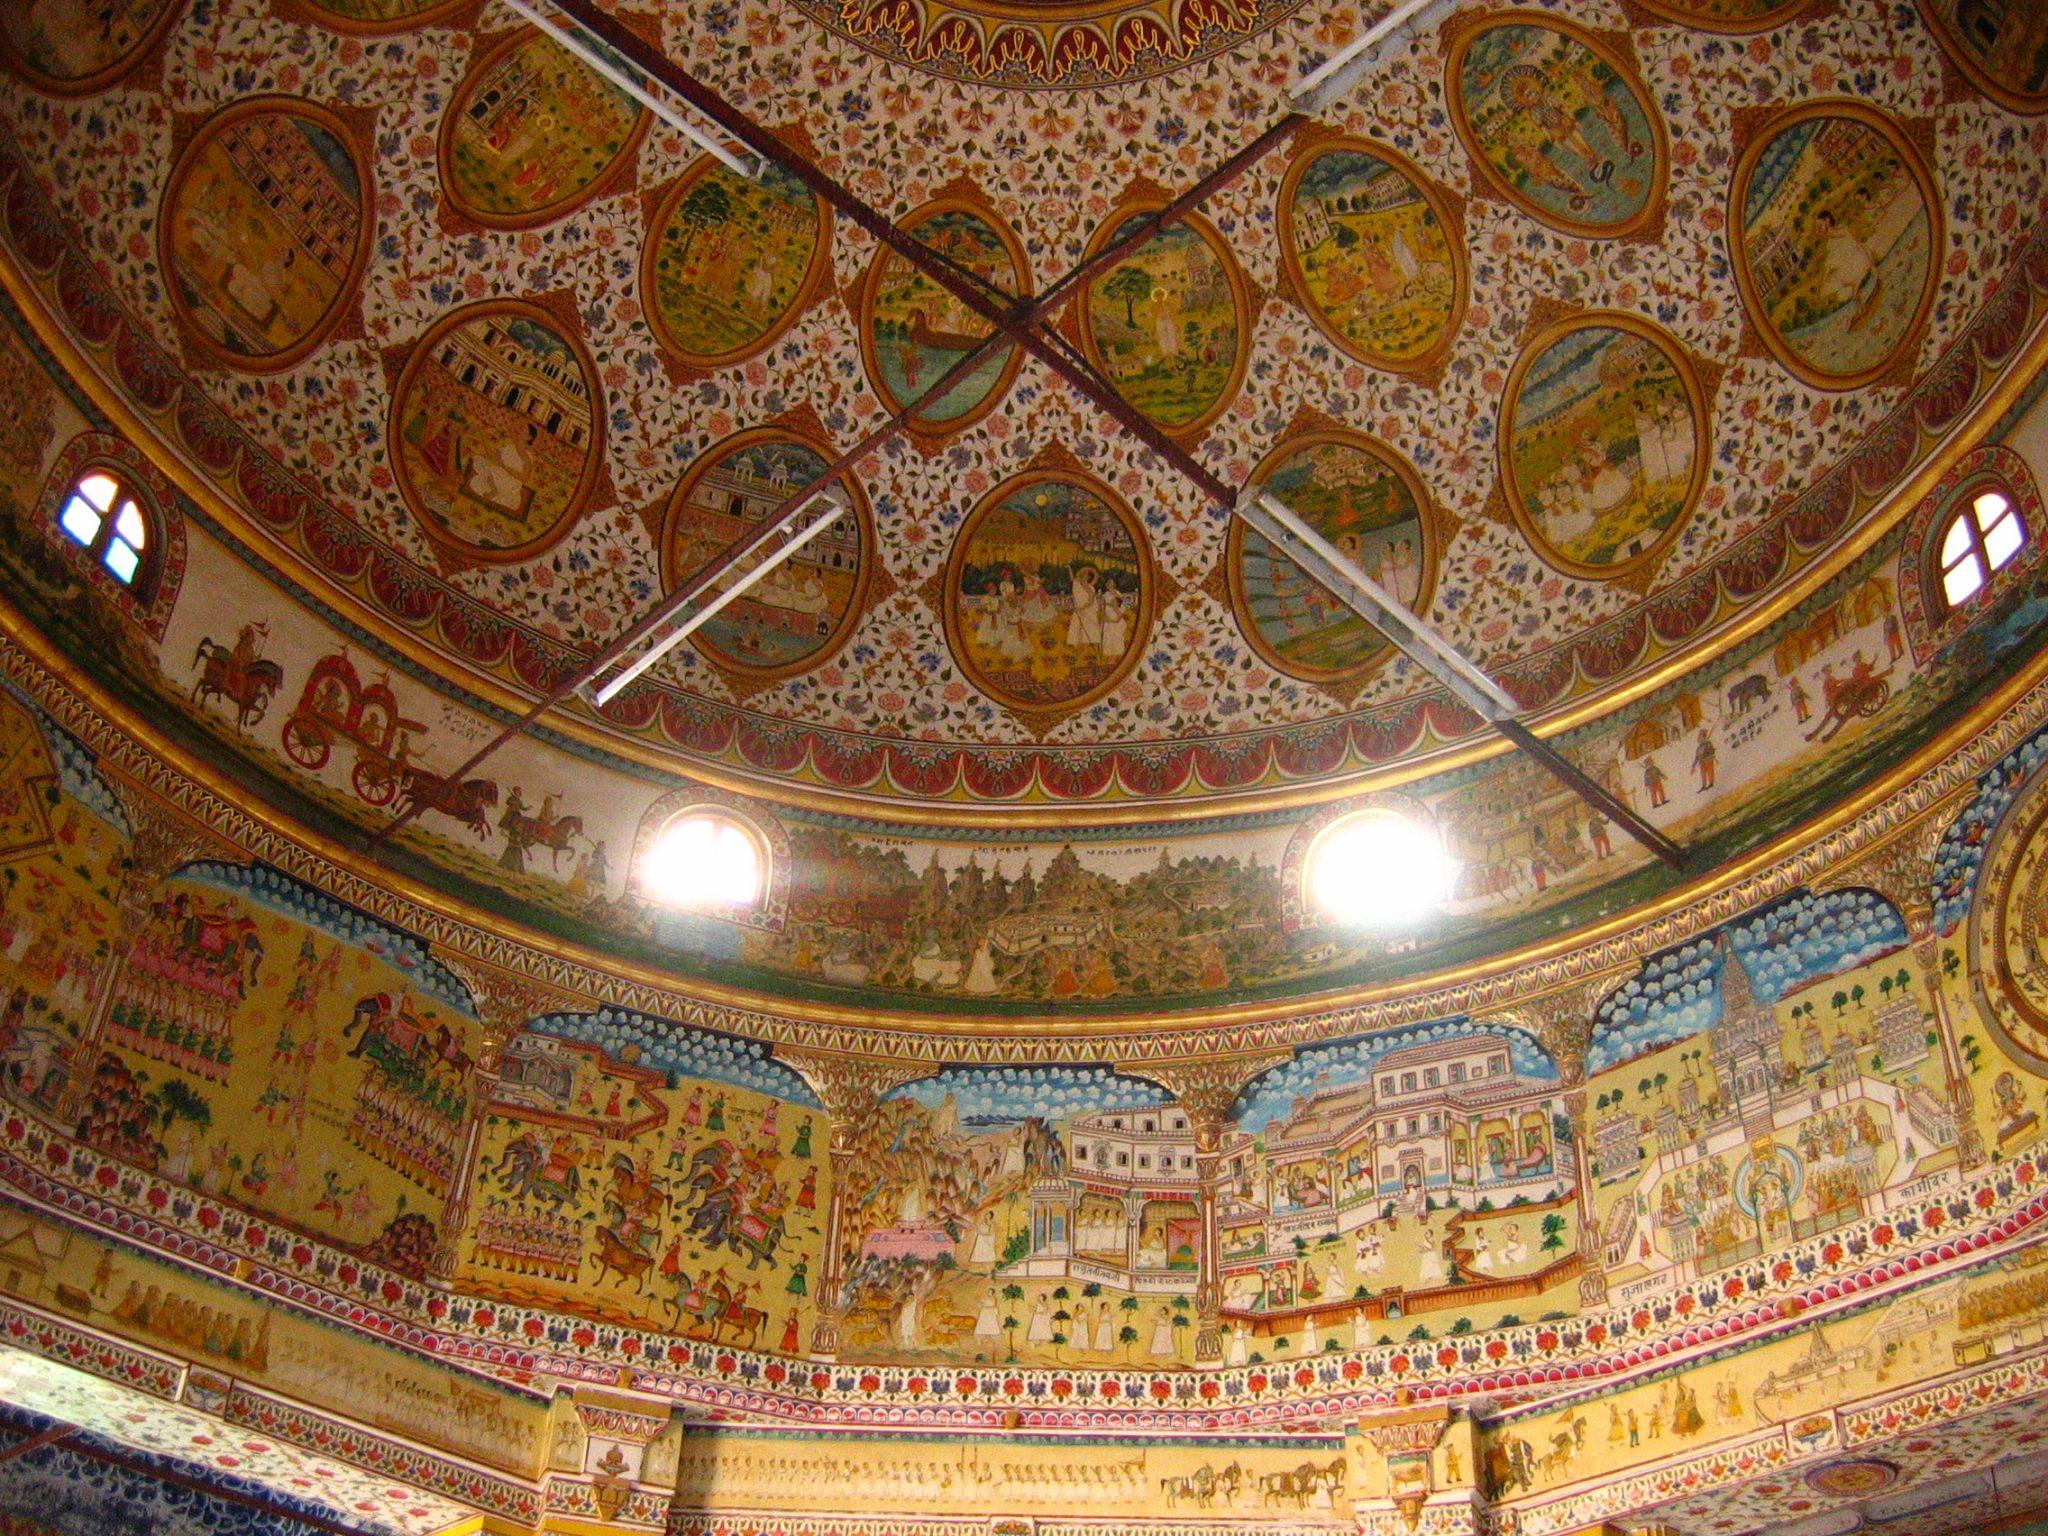 Inside of Jain Temple in Bikaner, Rajastan